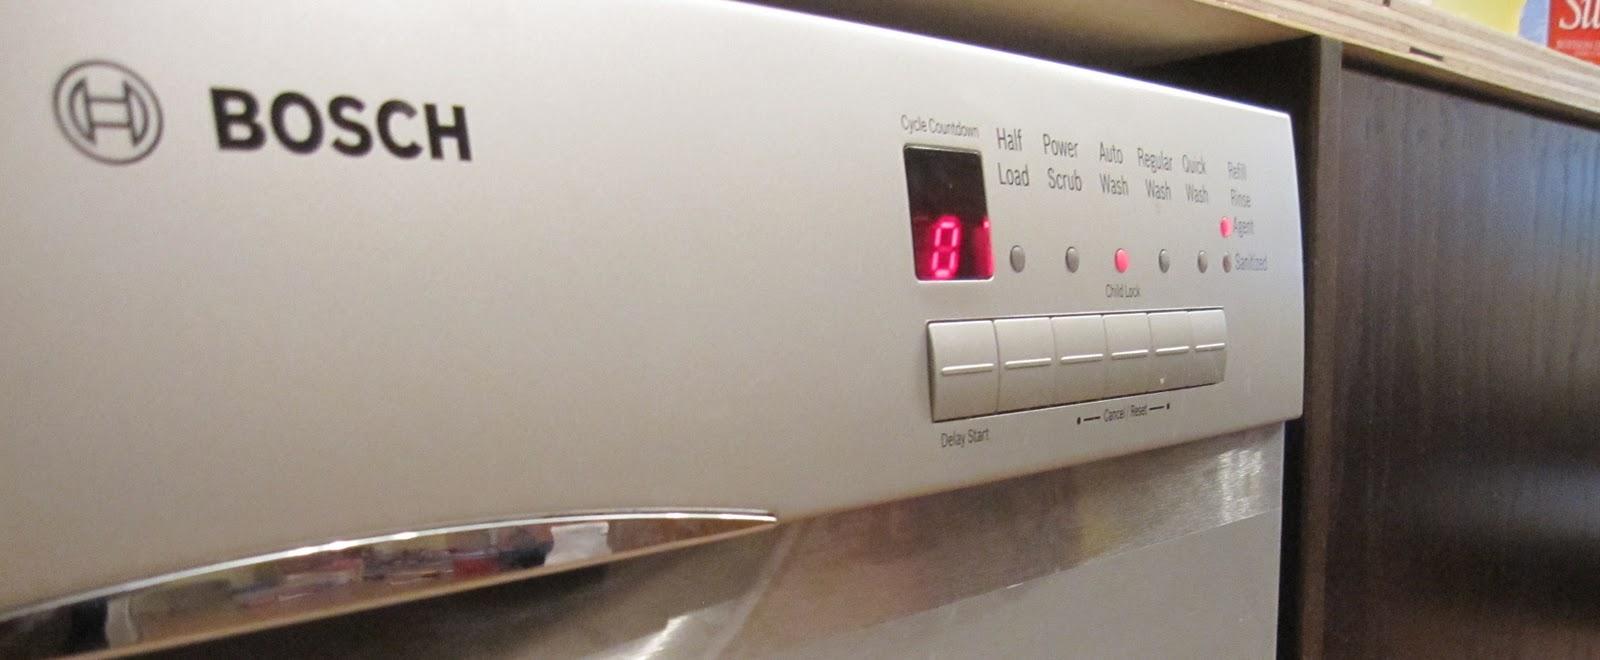 Bosch Dishwasher Installation